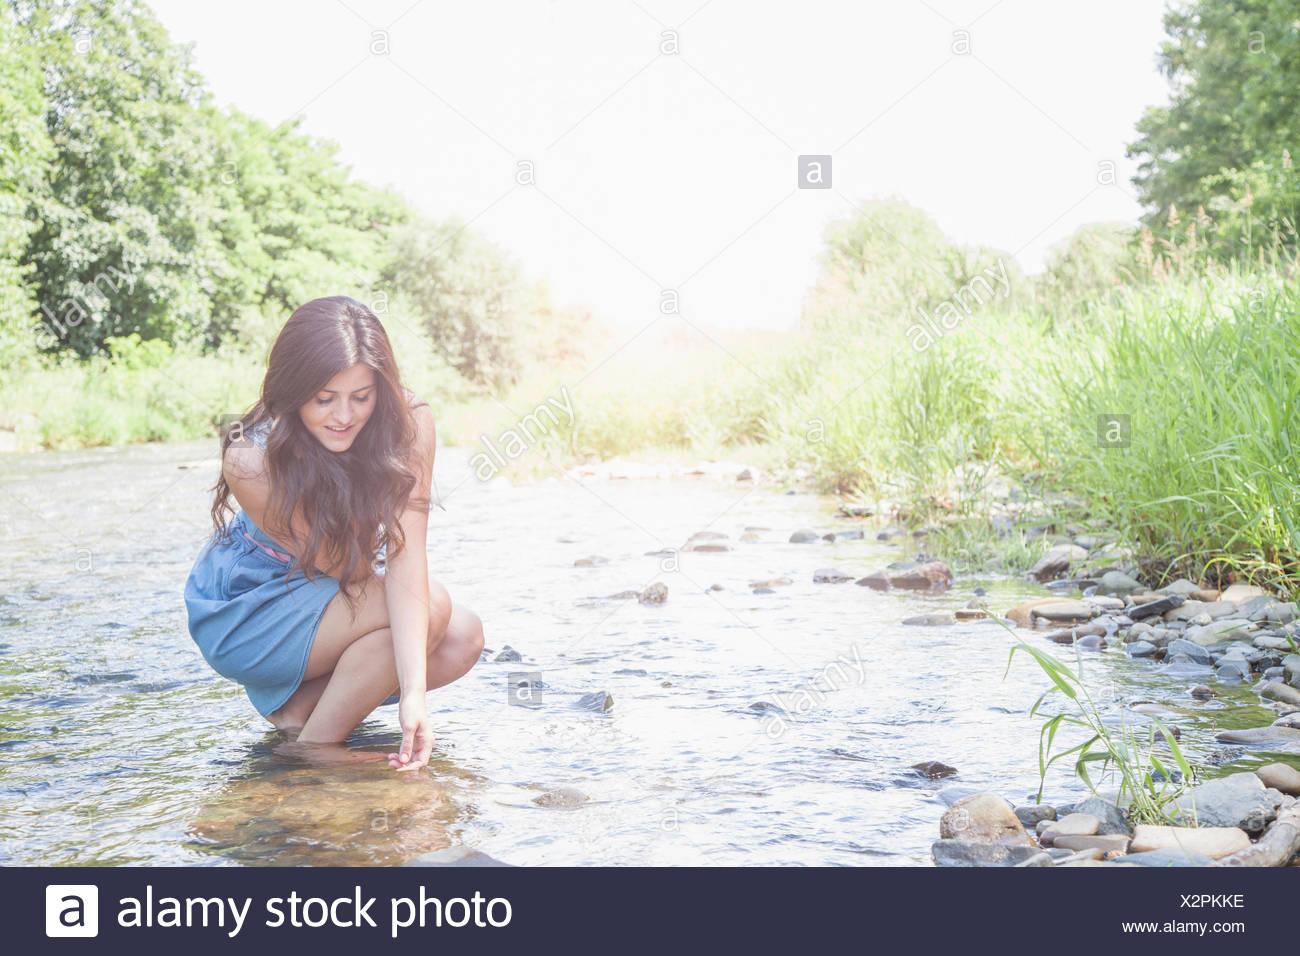 Jeune femme en cours d'eau peu profonde Photo Stock